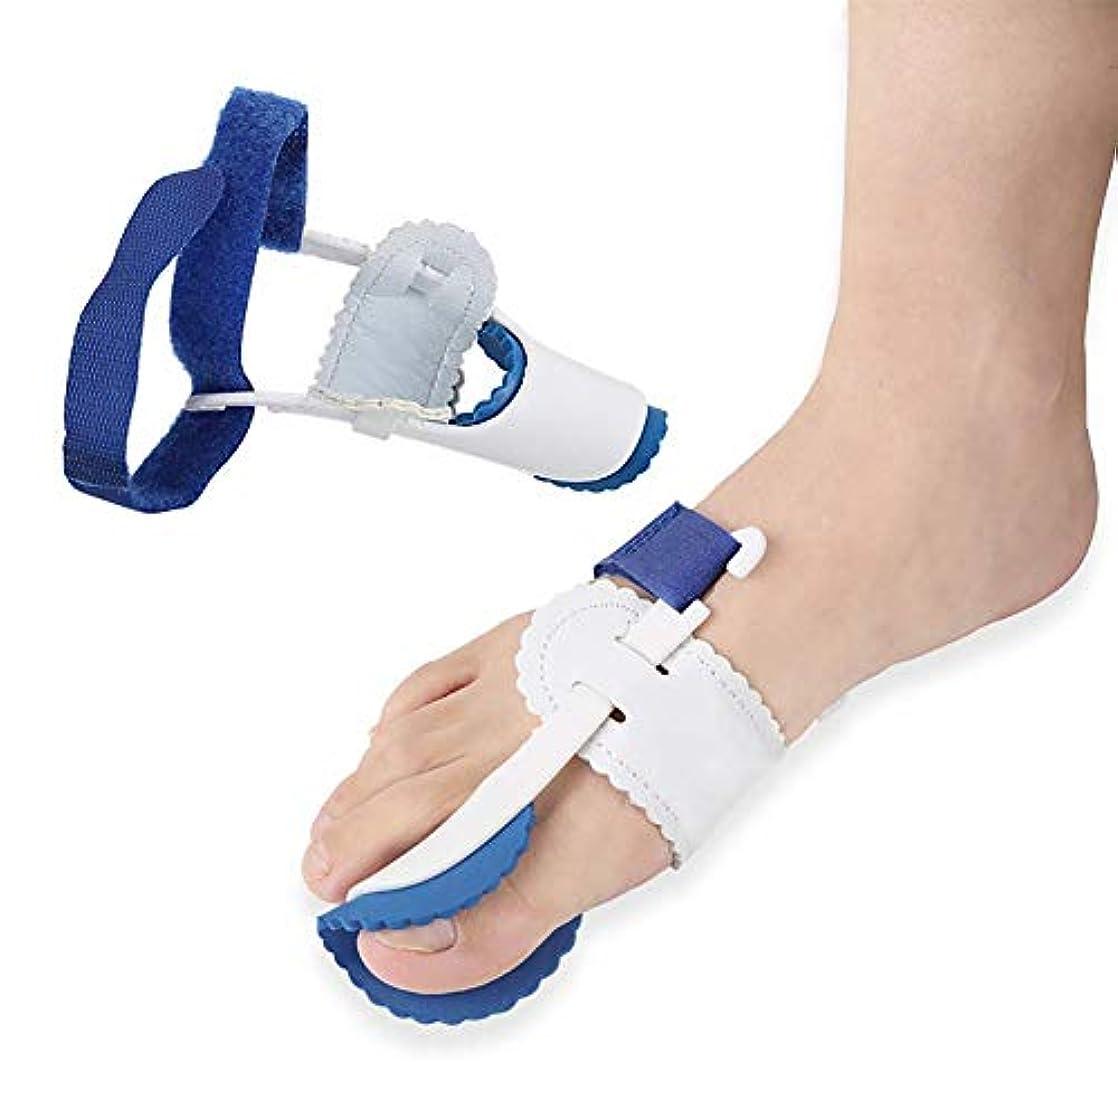 外反母Val、足の親指の関節、ハンマーのつま先、男性と女性のつま先スペーサー矯正用の痛みの治療のための腱膜瘤矯正と腱膜瘤のヒンジ付き整形外科の腱膜スプリント(5ペア)